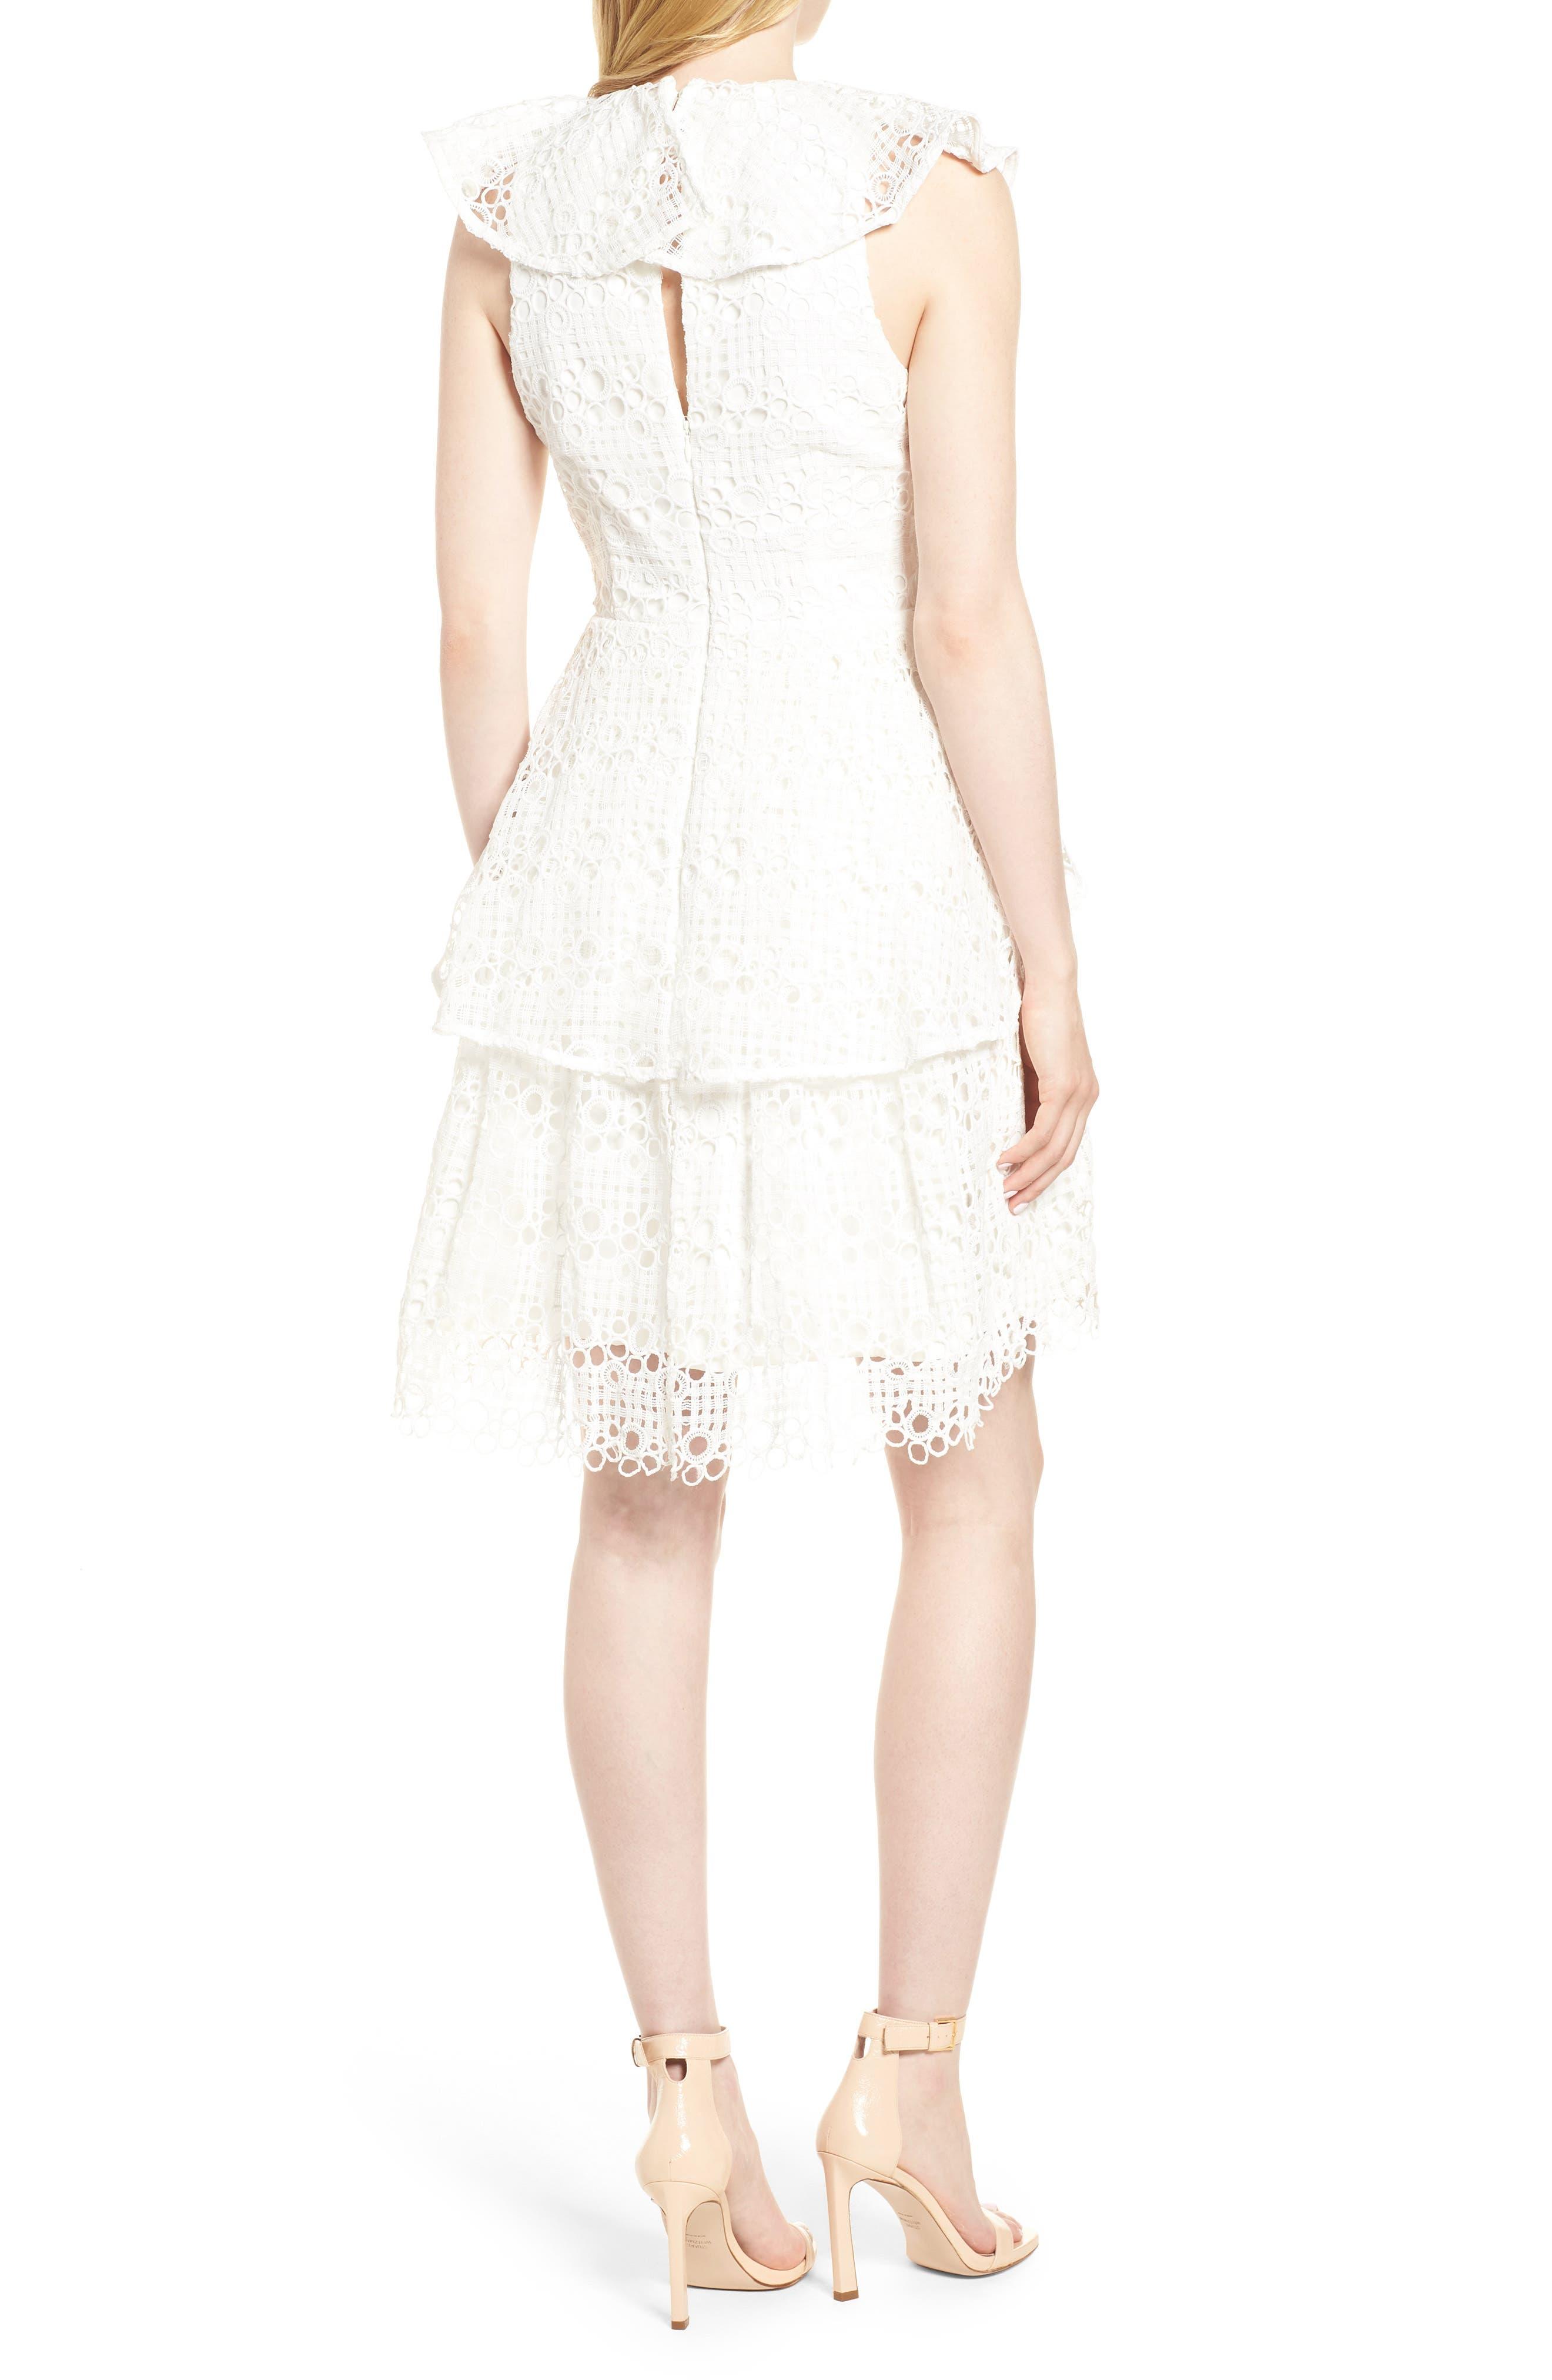 Interlude Dress,                             Alternate thumbnail 2, color,                             White